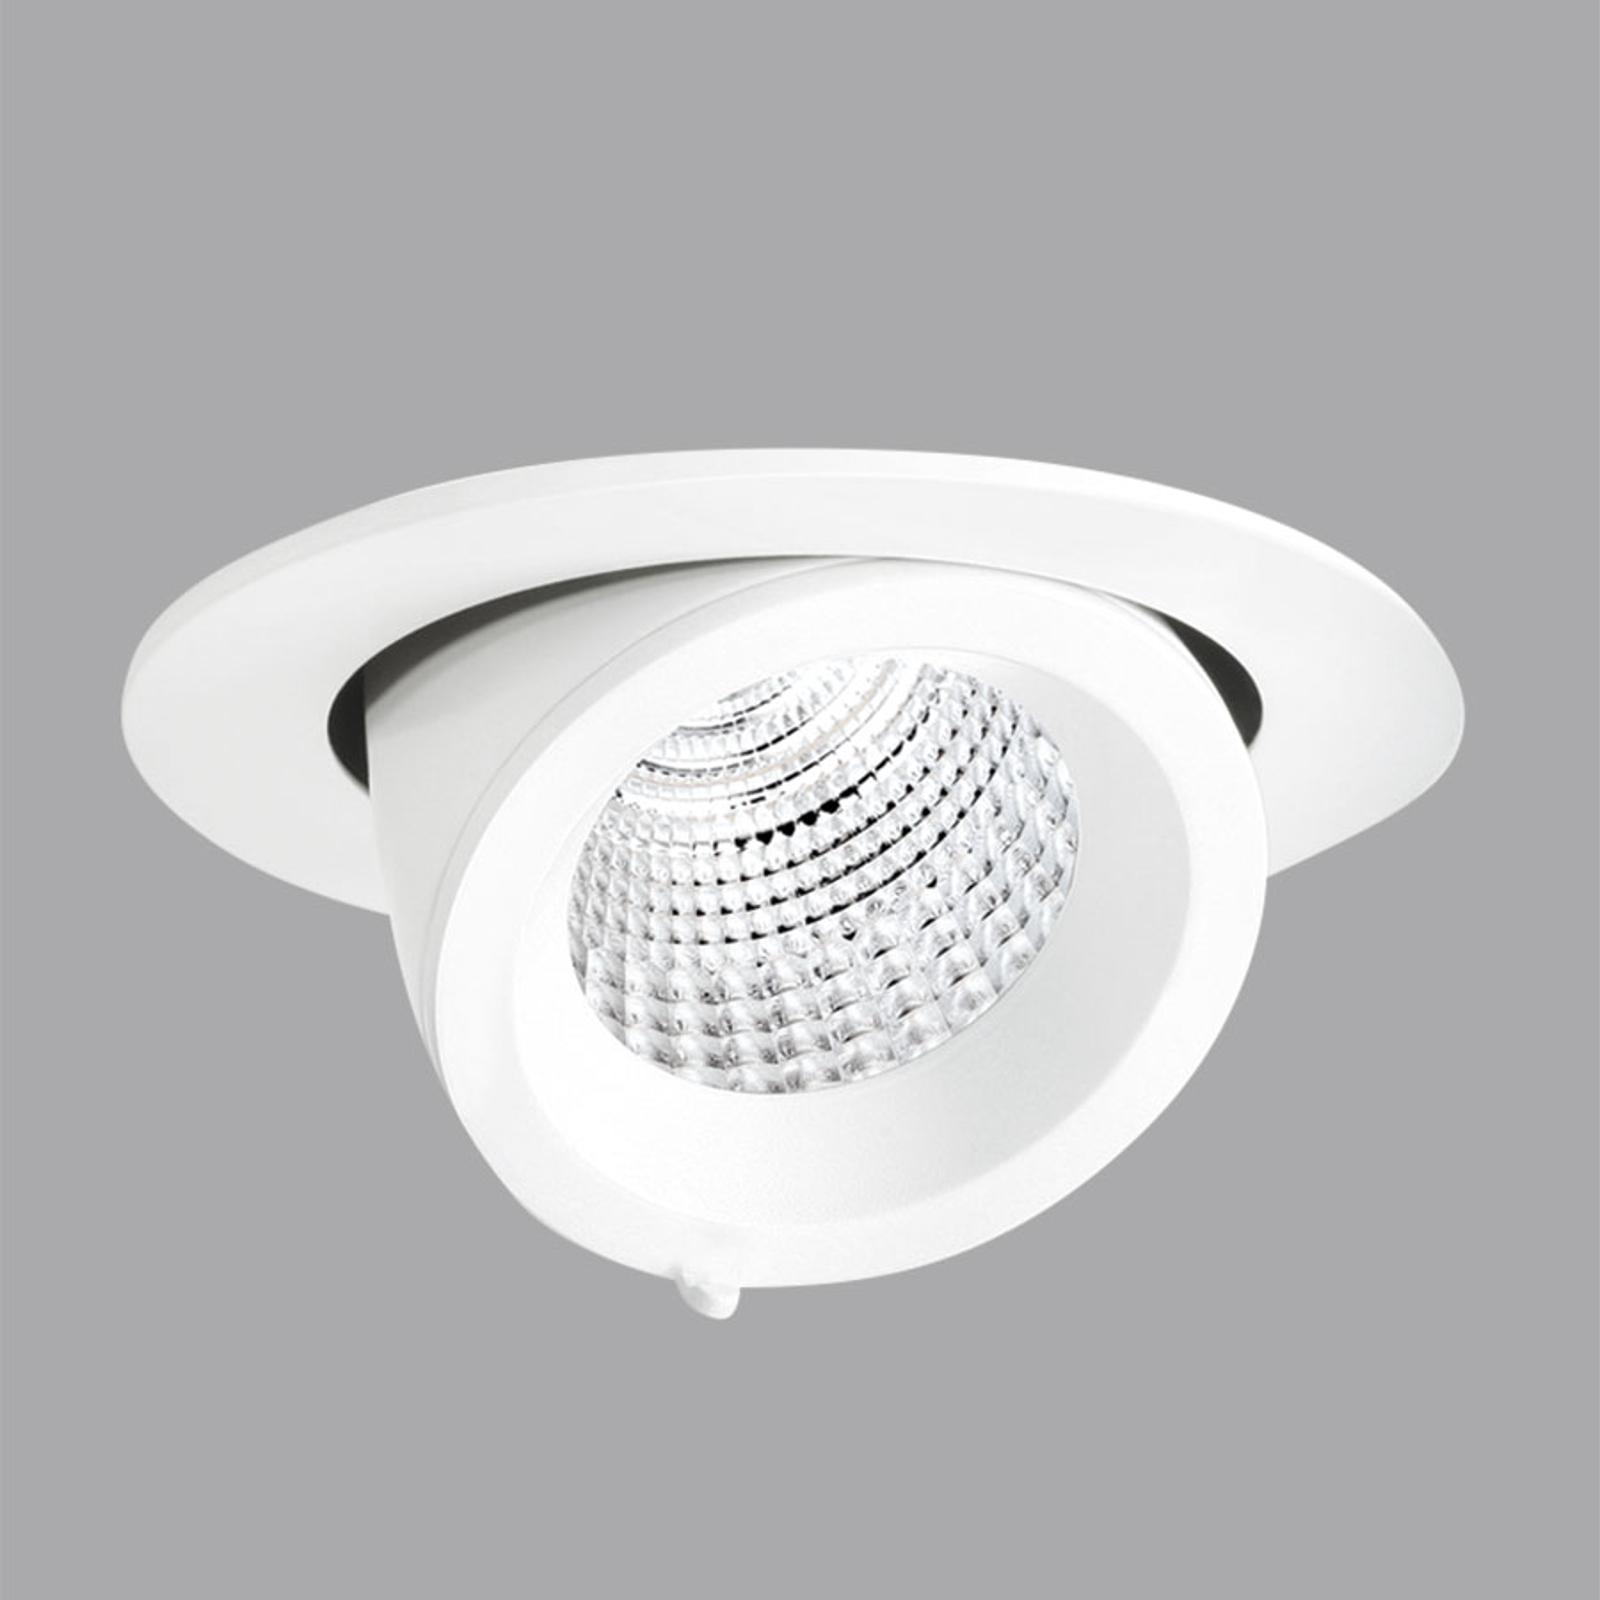 EB431 LED-spot reflektor hvit 4000K